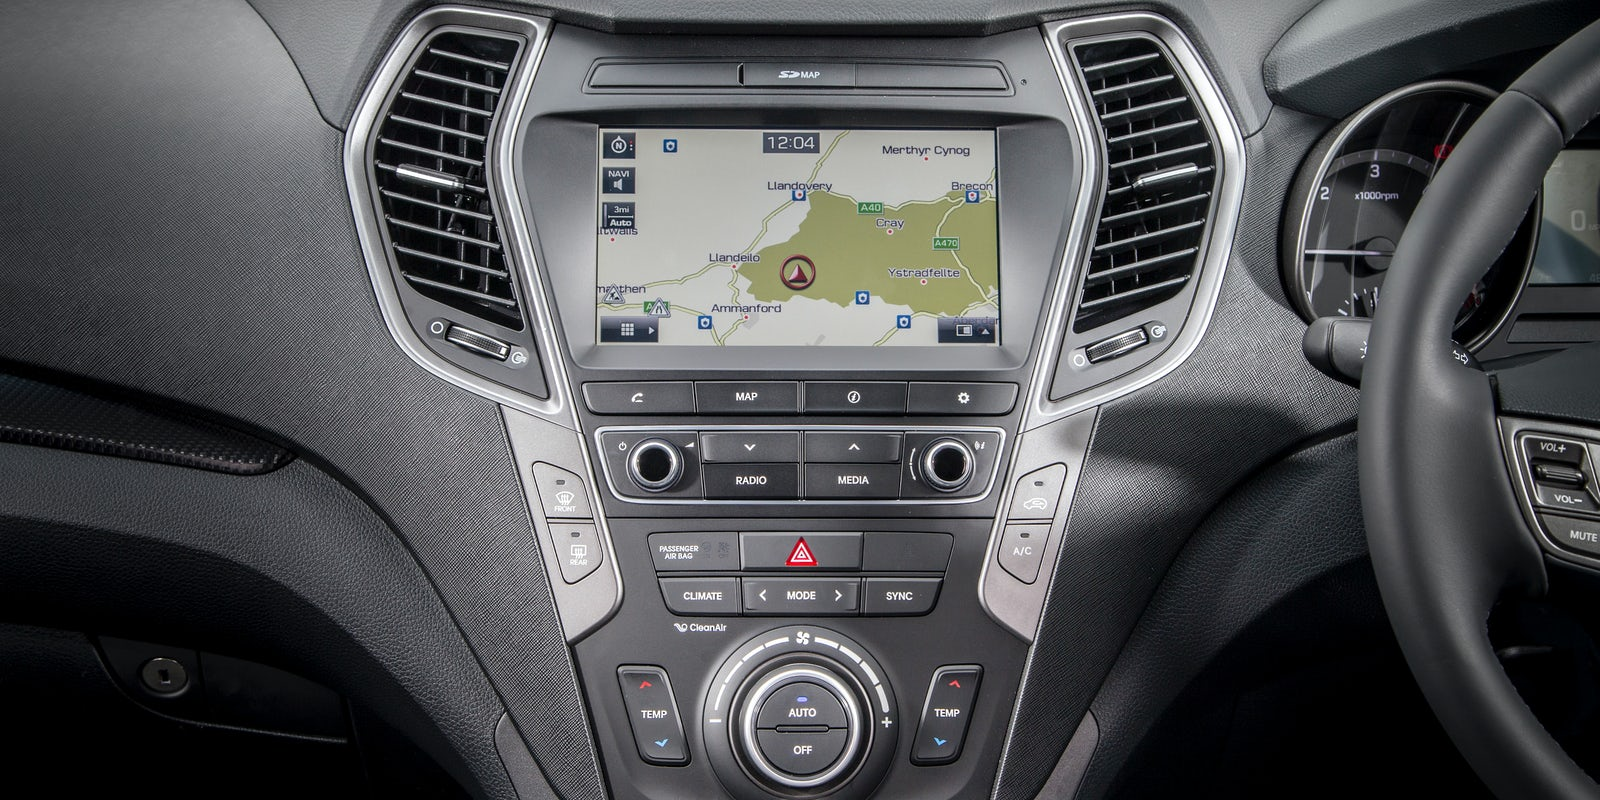 Hyundai santa fe review carwow - Santa fe hyundai interior pictures ...